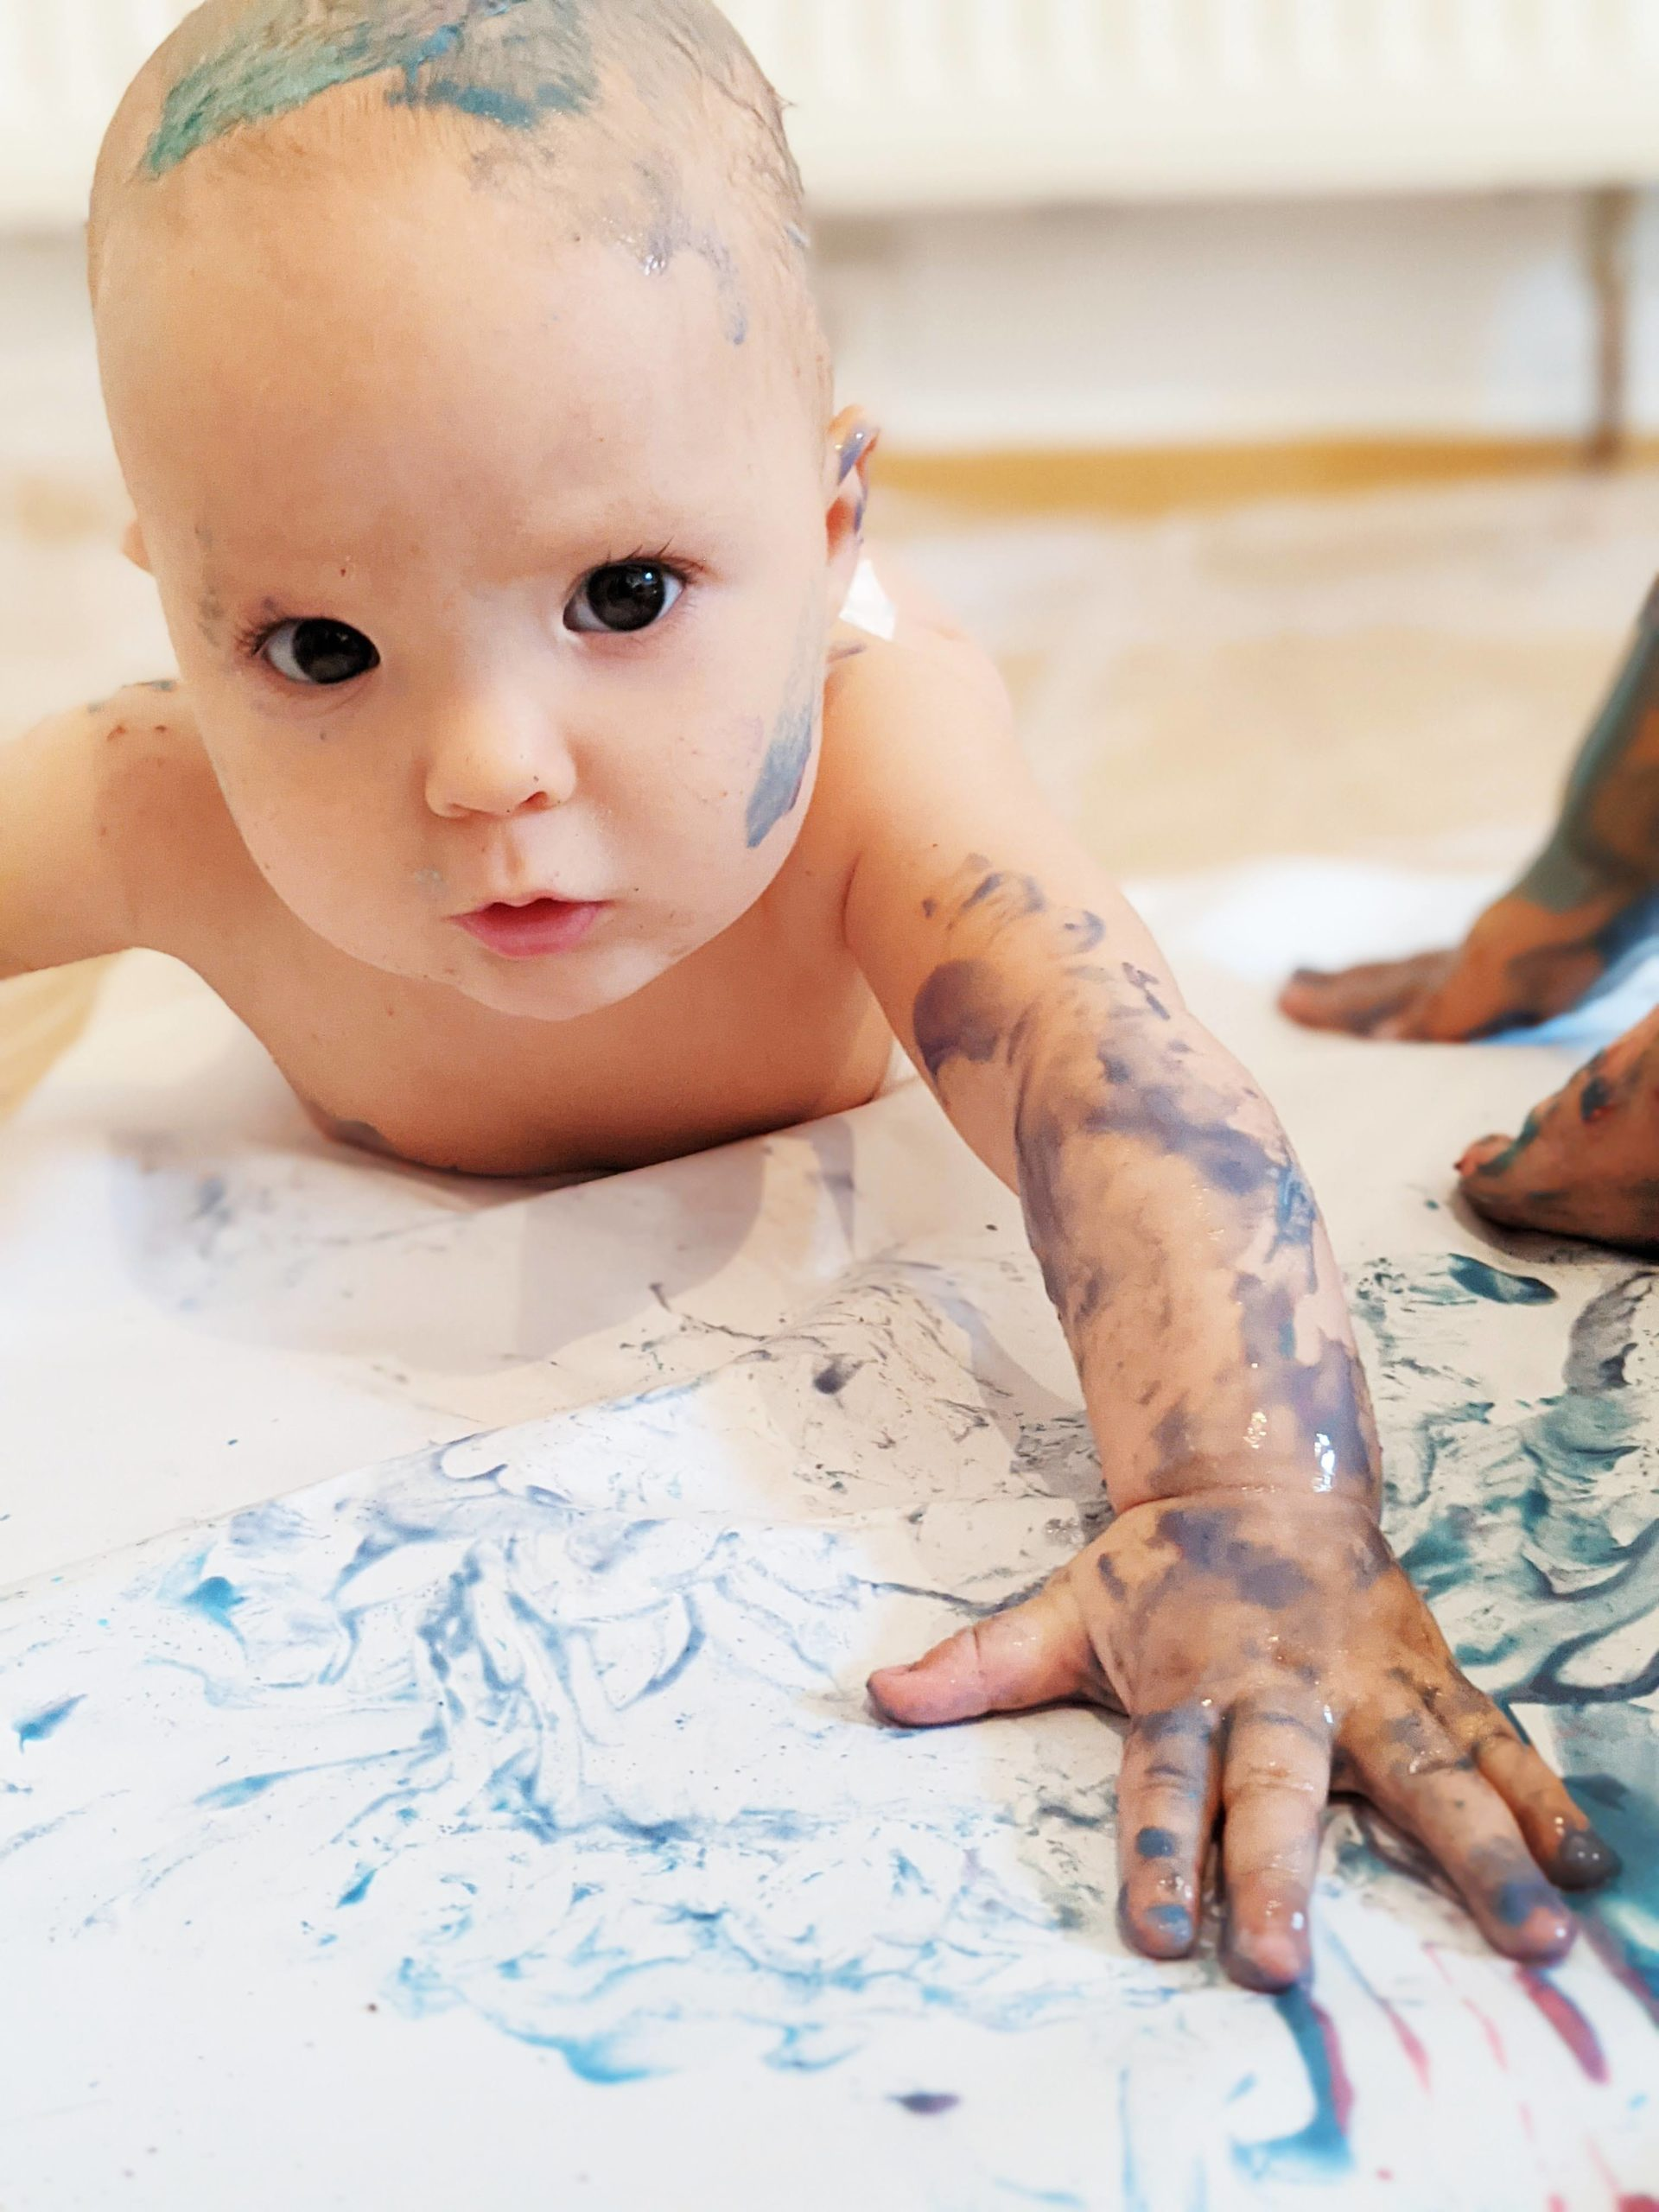 Le 27/11, atelier peinture bébé chez 123 SOLENE, 13001 – 10H